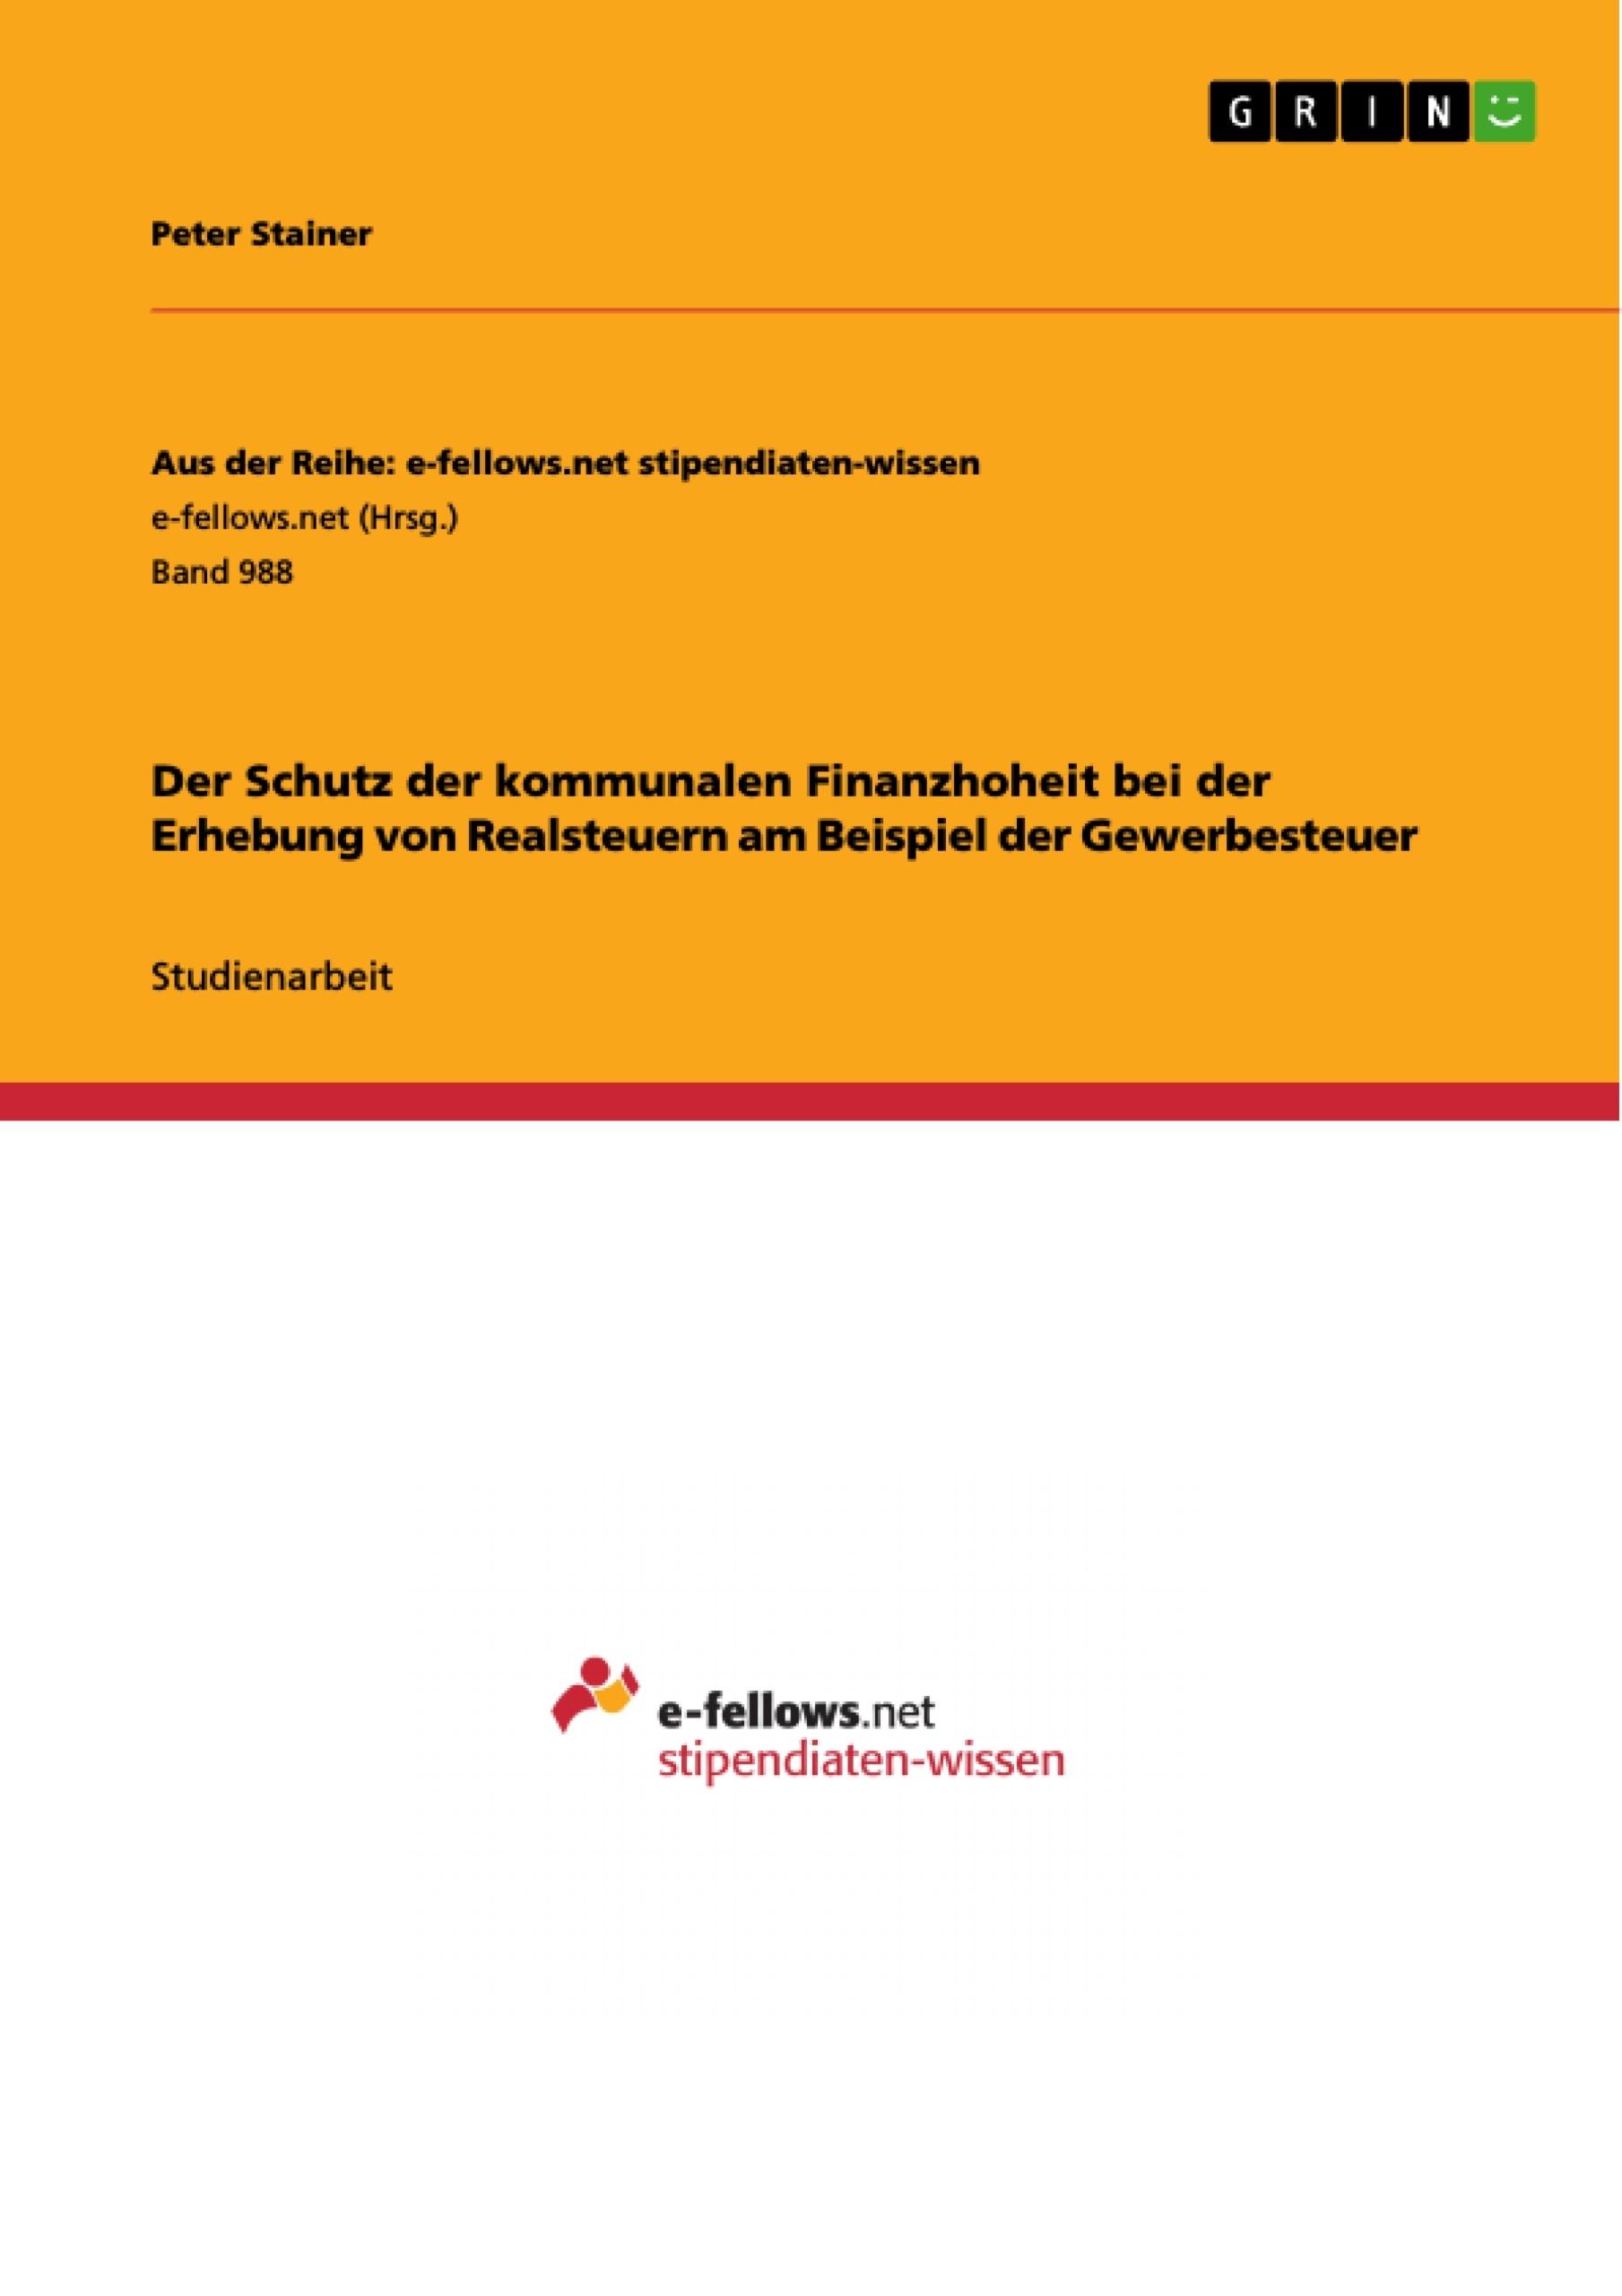 Titel: Der Schutz der kommunalen Finanzhoheit bei der Erhebung von Realsteuern am Beispiel der Gewerbesteuer